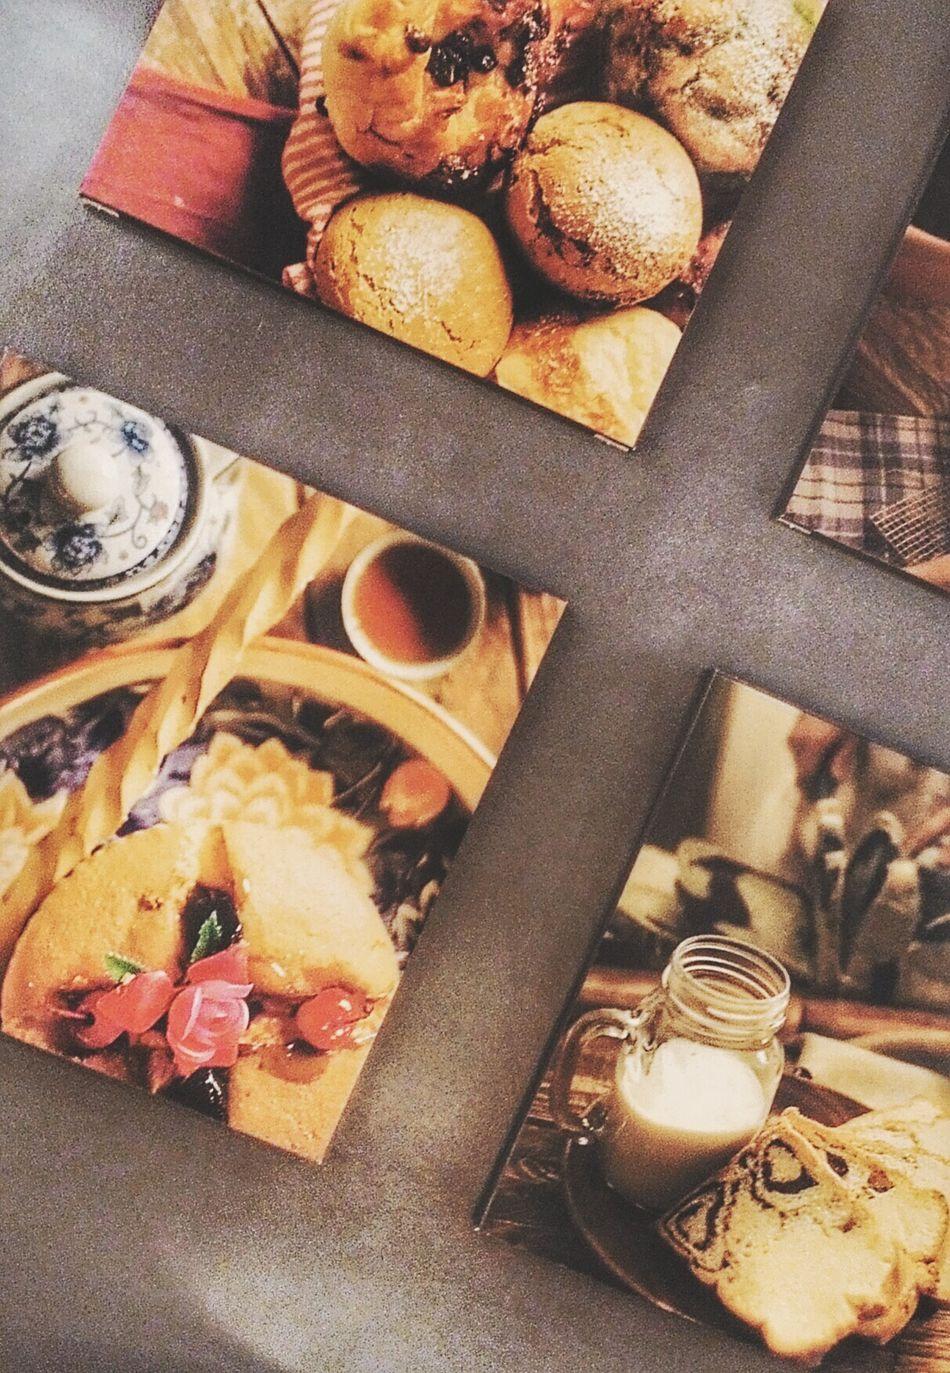 """""""..Formosa Bakeshop.."""" PhonePhotography Eyeem Philippines Bakeshop Walldesign Smclark Formosabakery"""